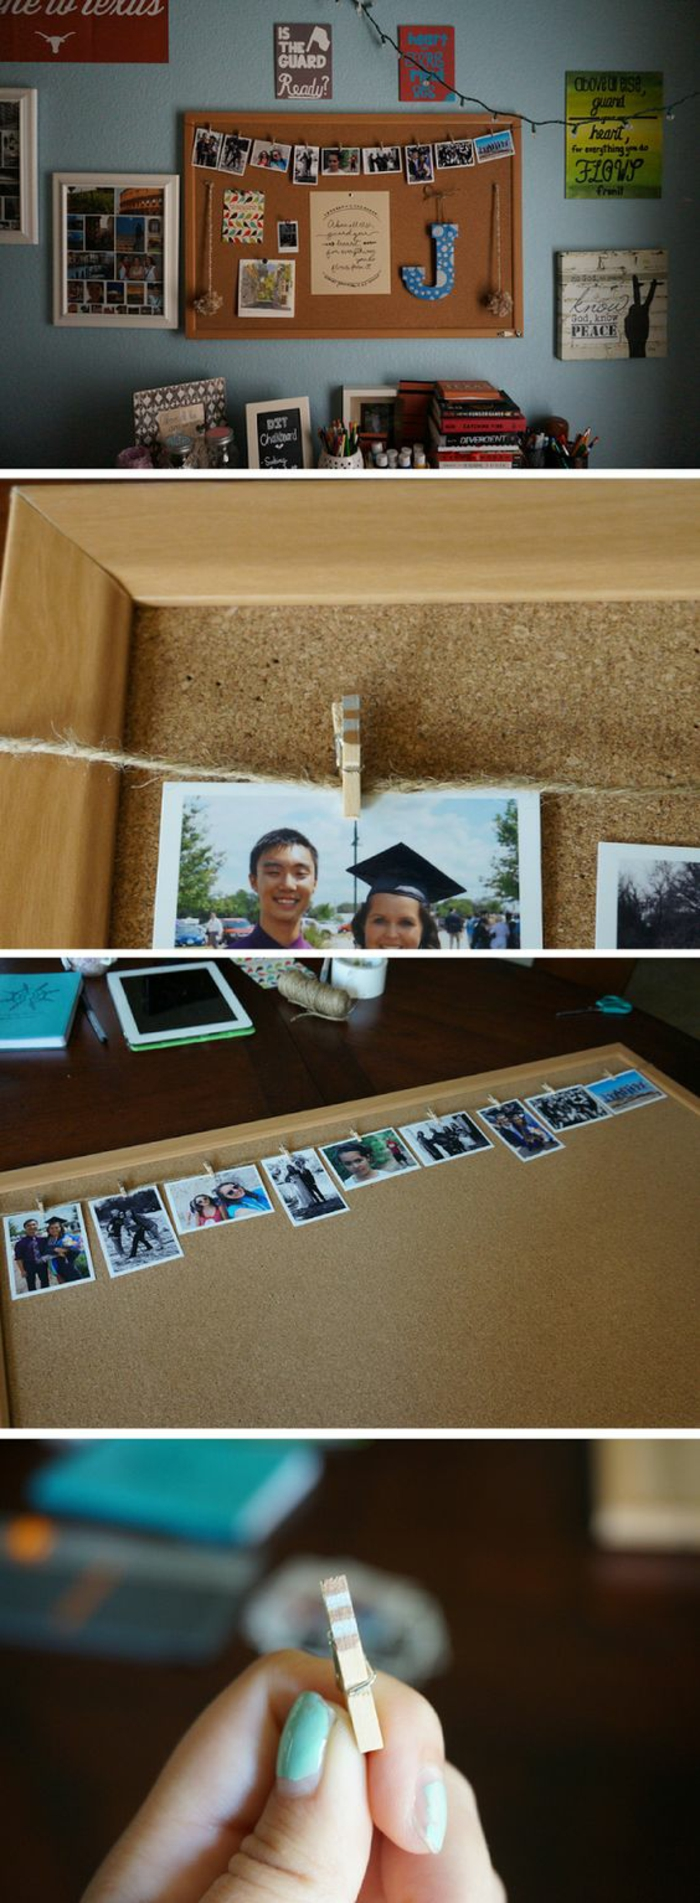 pinnwand mit fotos dekorieren, fotowand, wanddeko selber machen